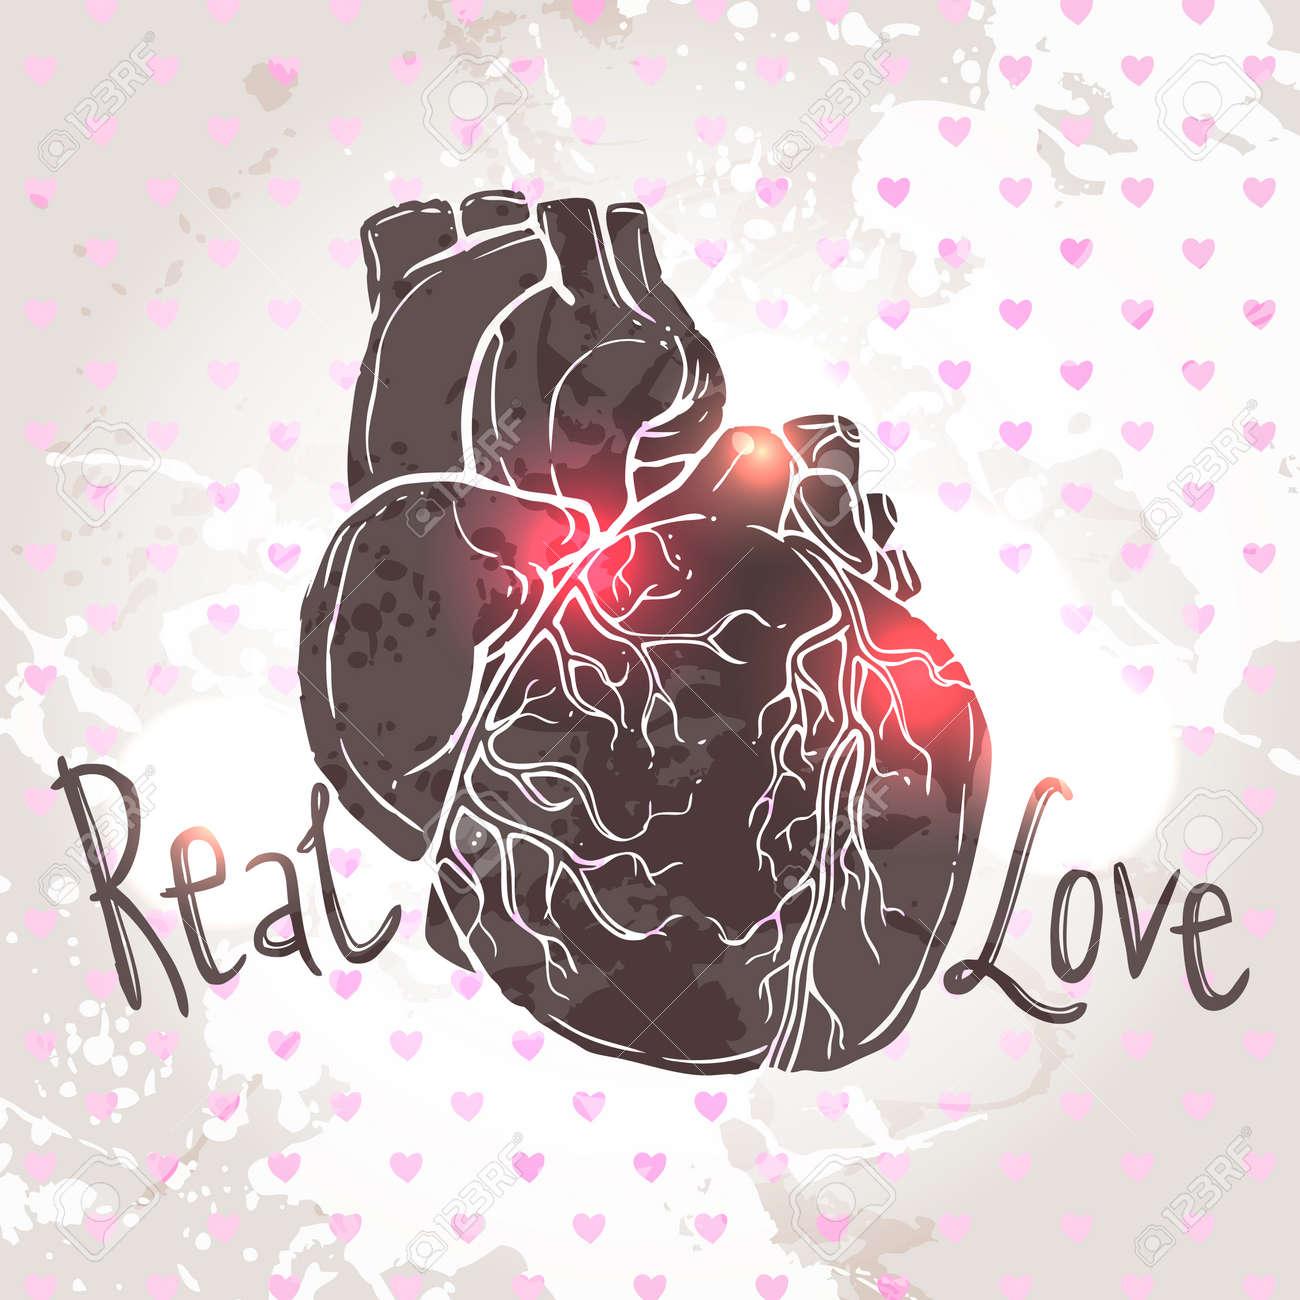 Tarjeta Para El Día De San Valentín Con Dibujo Del Corazón Anatómico ...